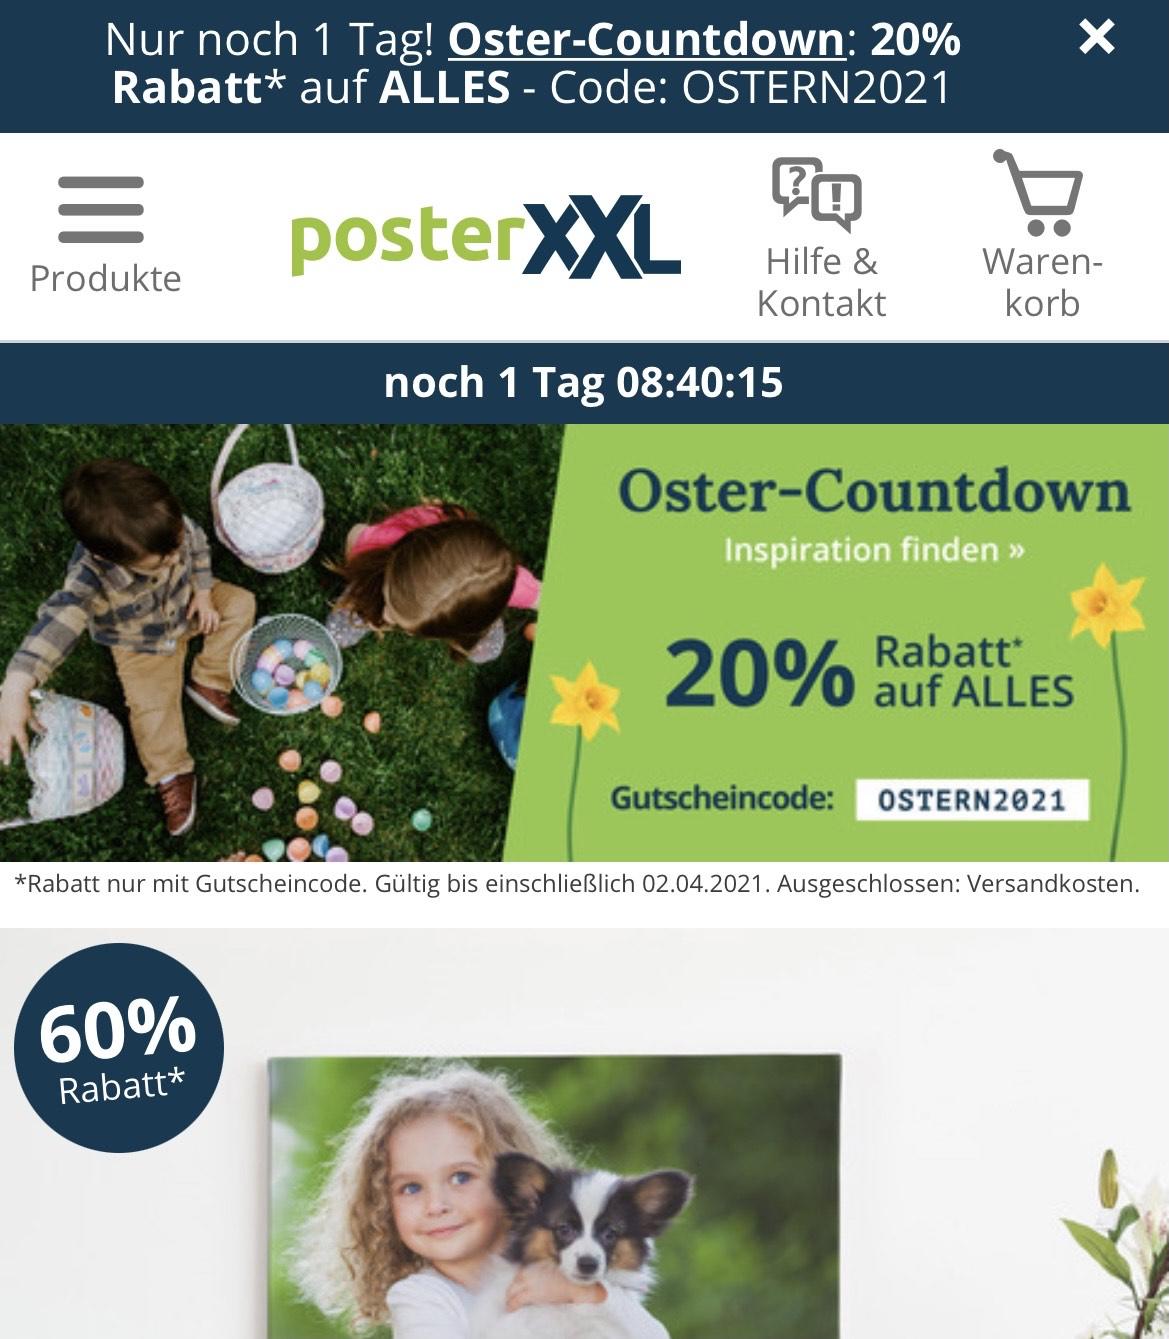 Poster XXL Osterrabatte + 20% am 1.4.2021